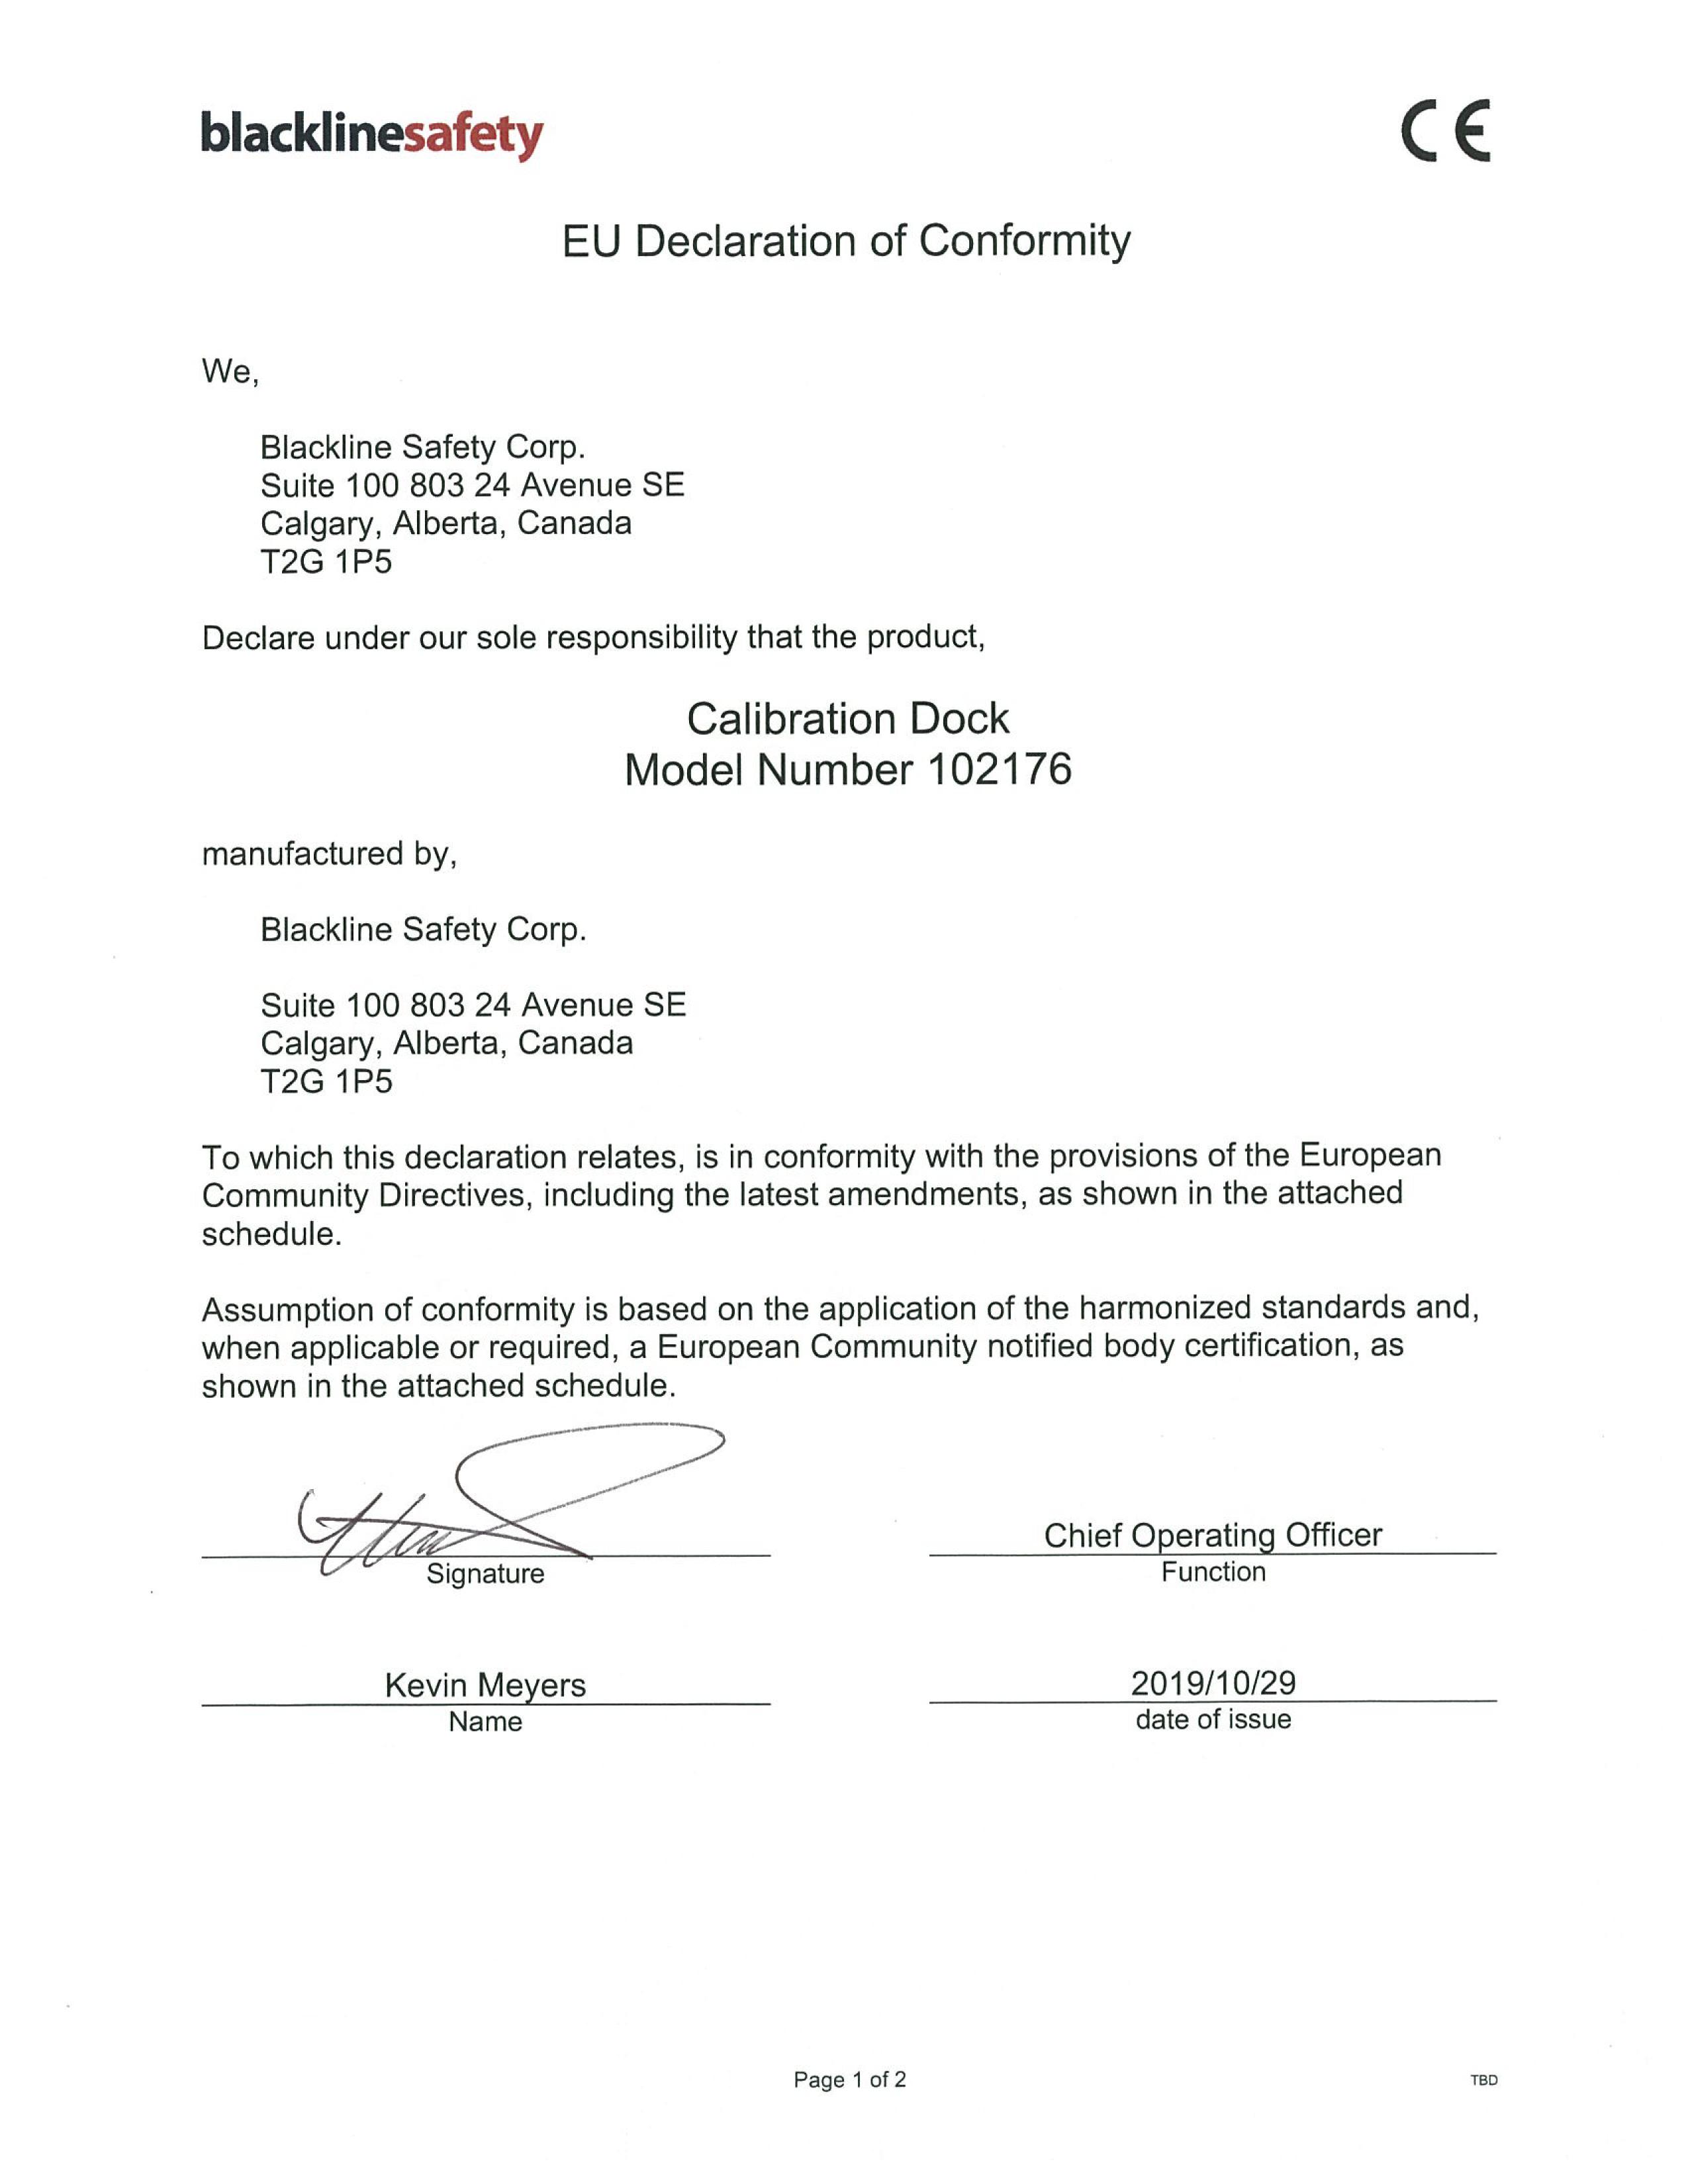 103437-Calibration Dock Declaration of Conformity -1-1